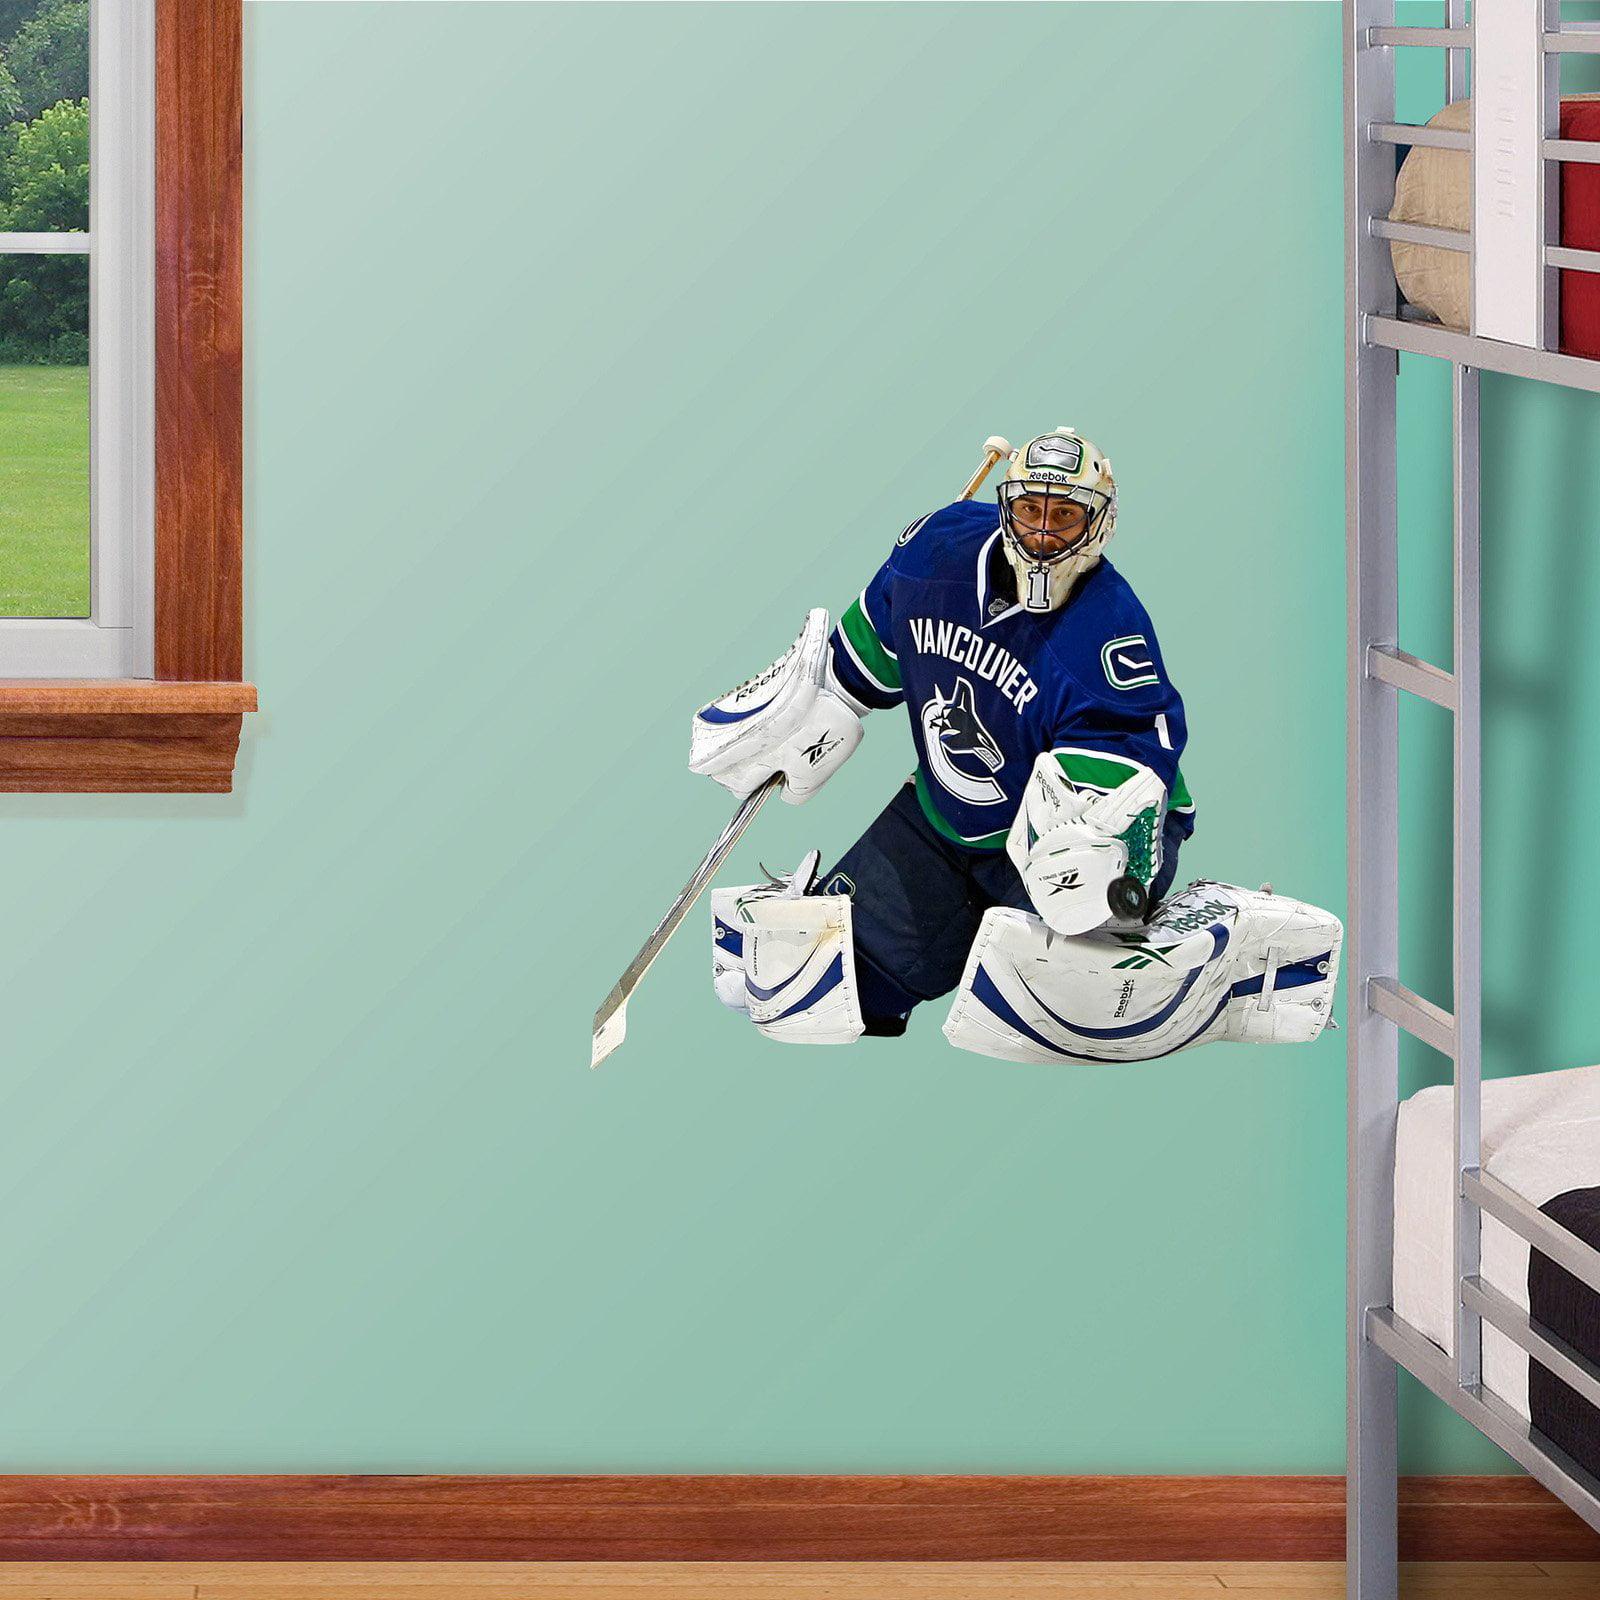 Fathead Jr. NHL Player Wall Decal by Fathead LLC